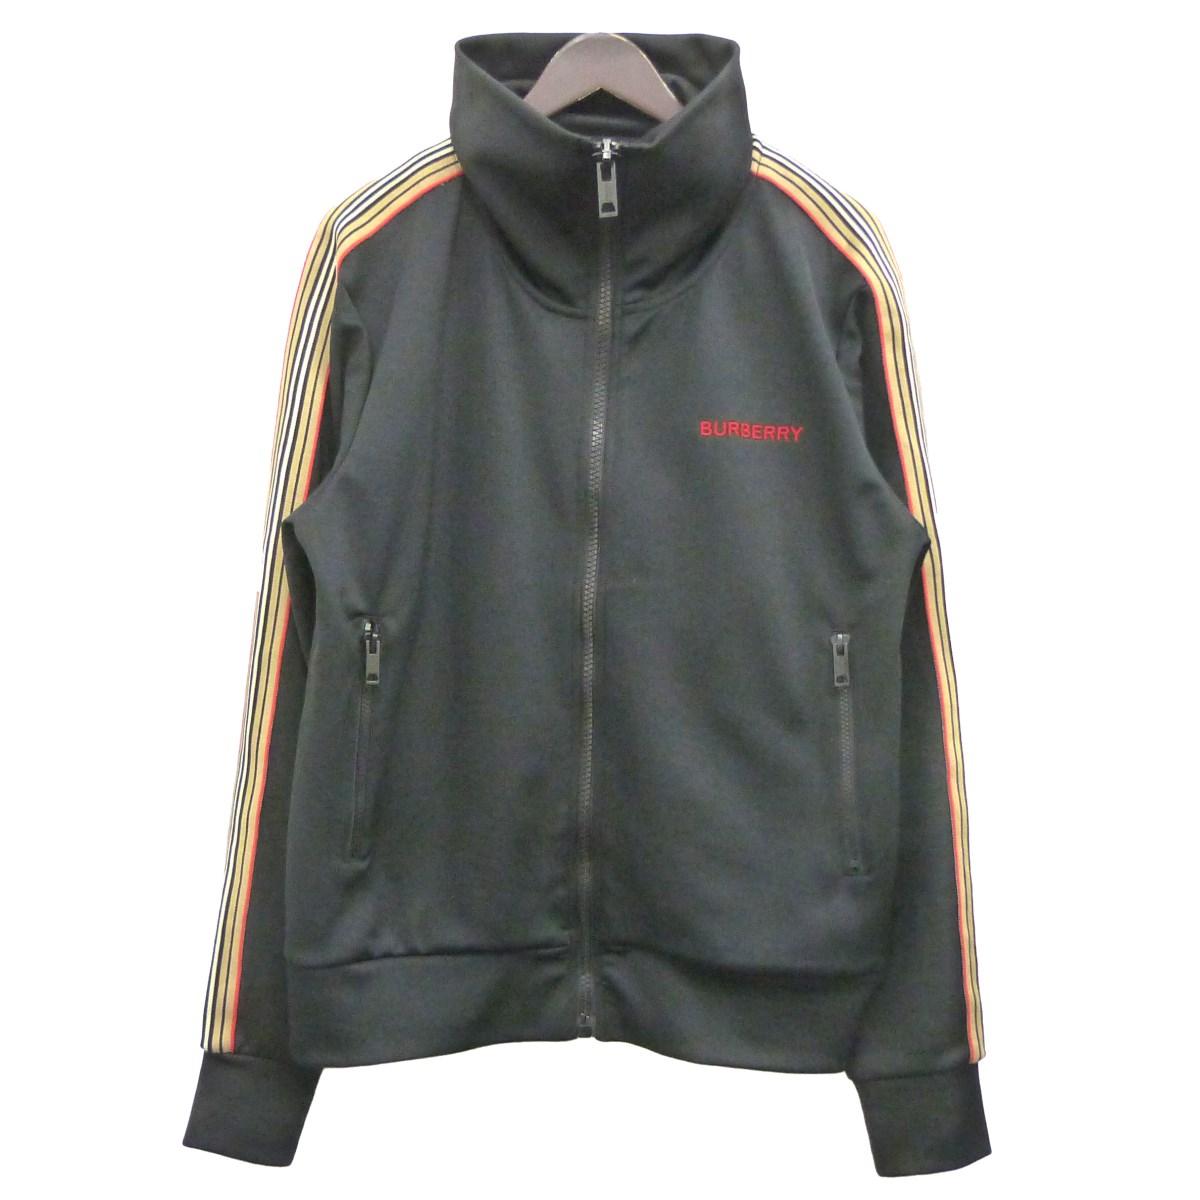 【中古】BURBERRYロゴ刺繍サイドライントラックジャケット ブラック サイズ:M 【4月16日見直し】